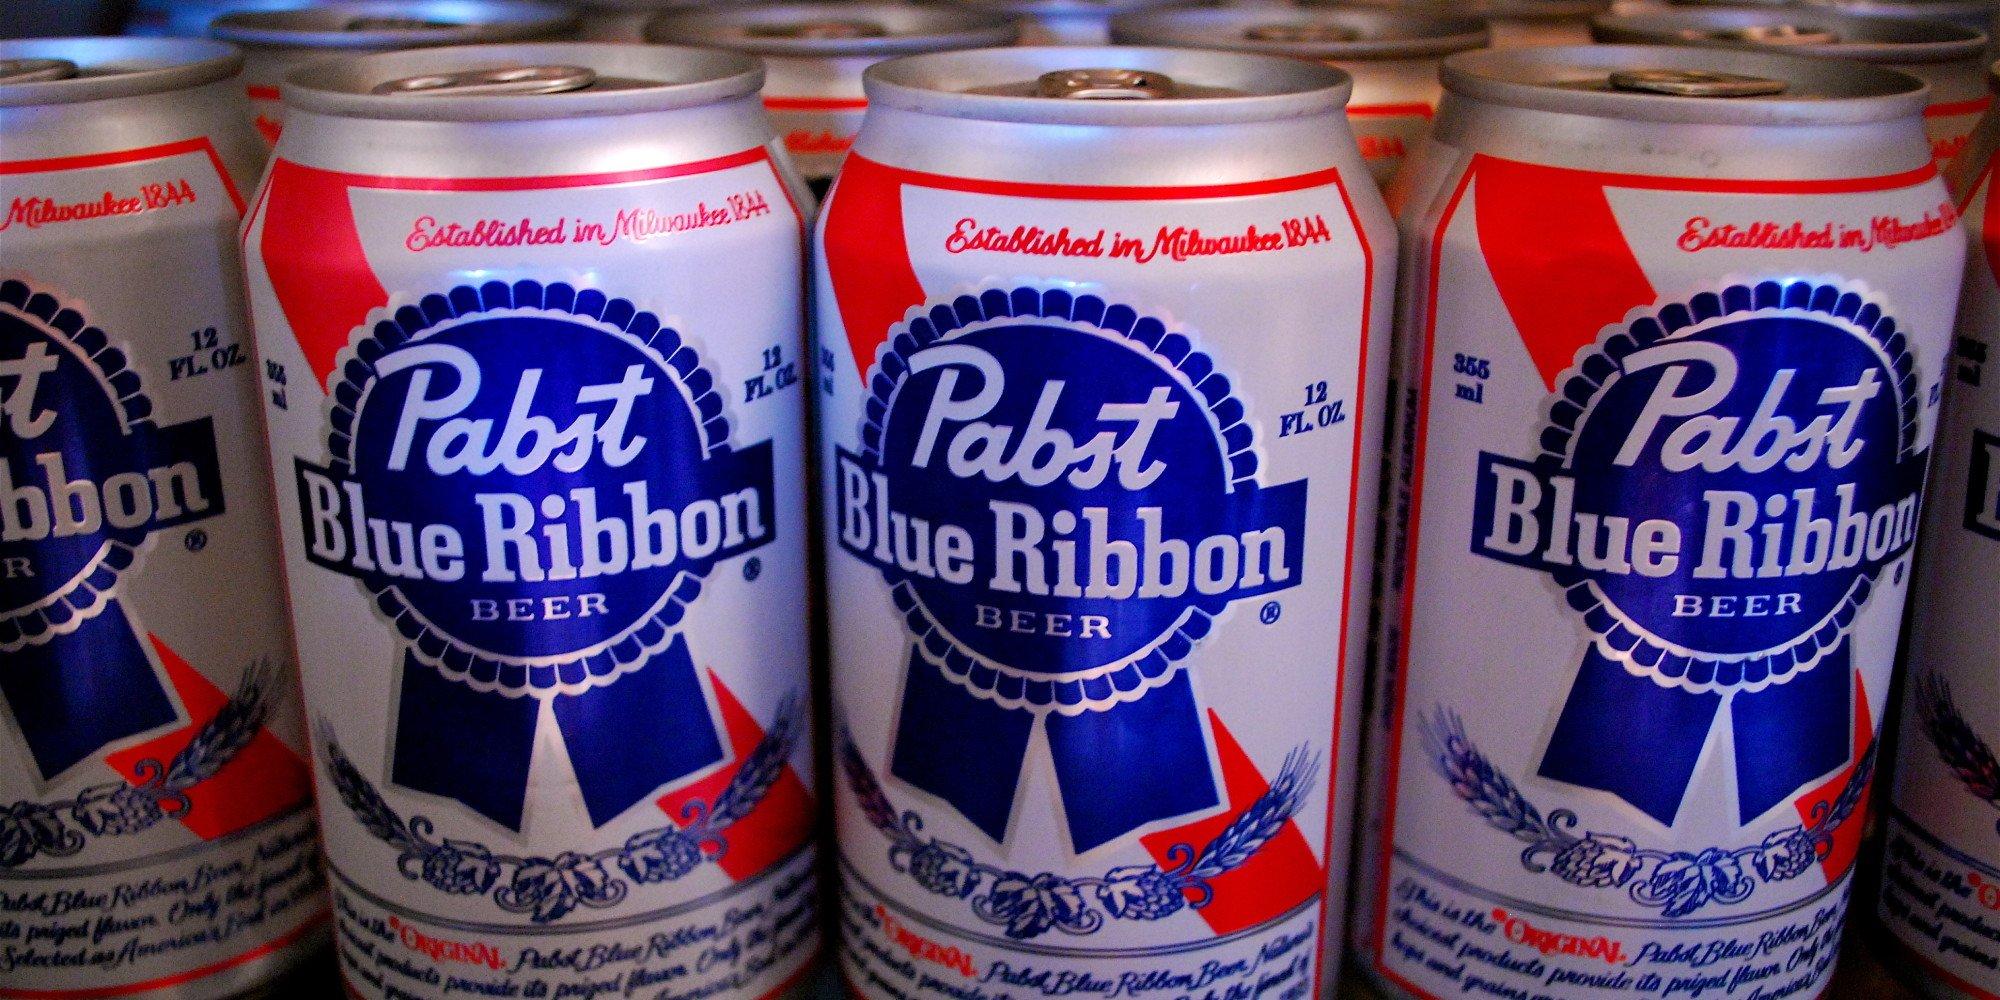 случайные обзоры pabst blue ribbon обзор линч синий бархат отвратительные мужики disgusting men